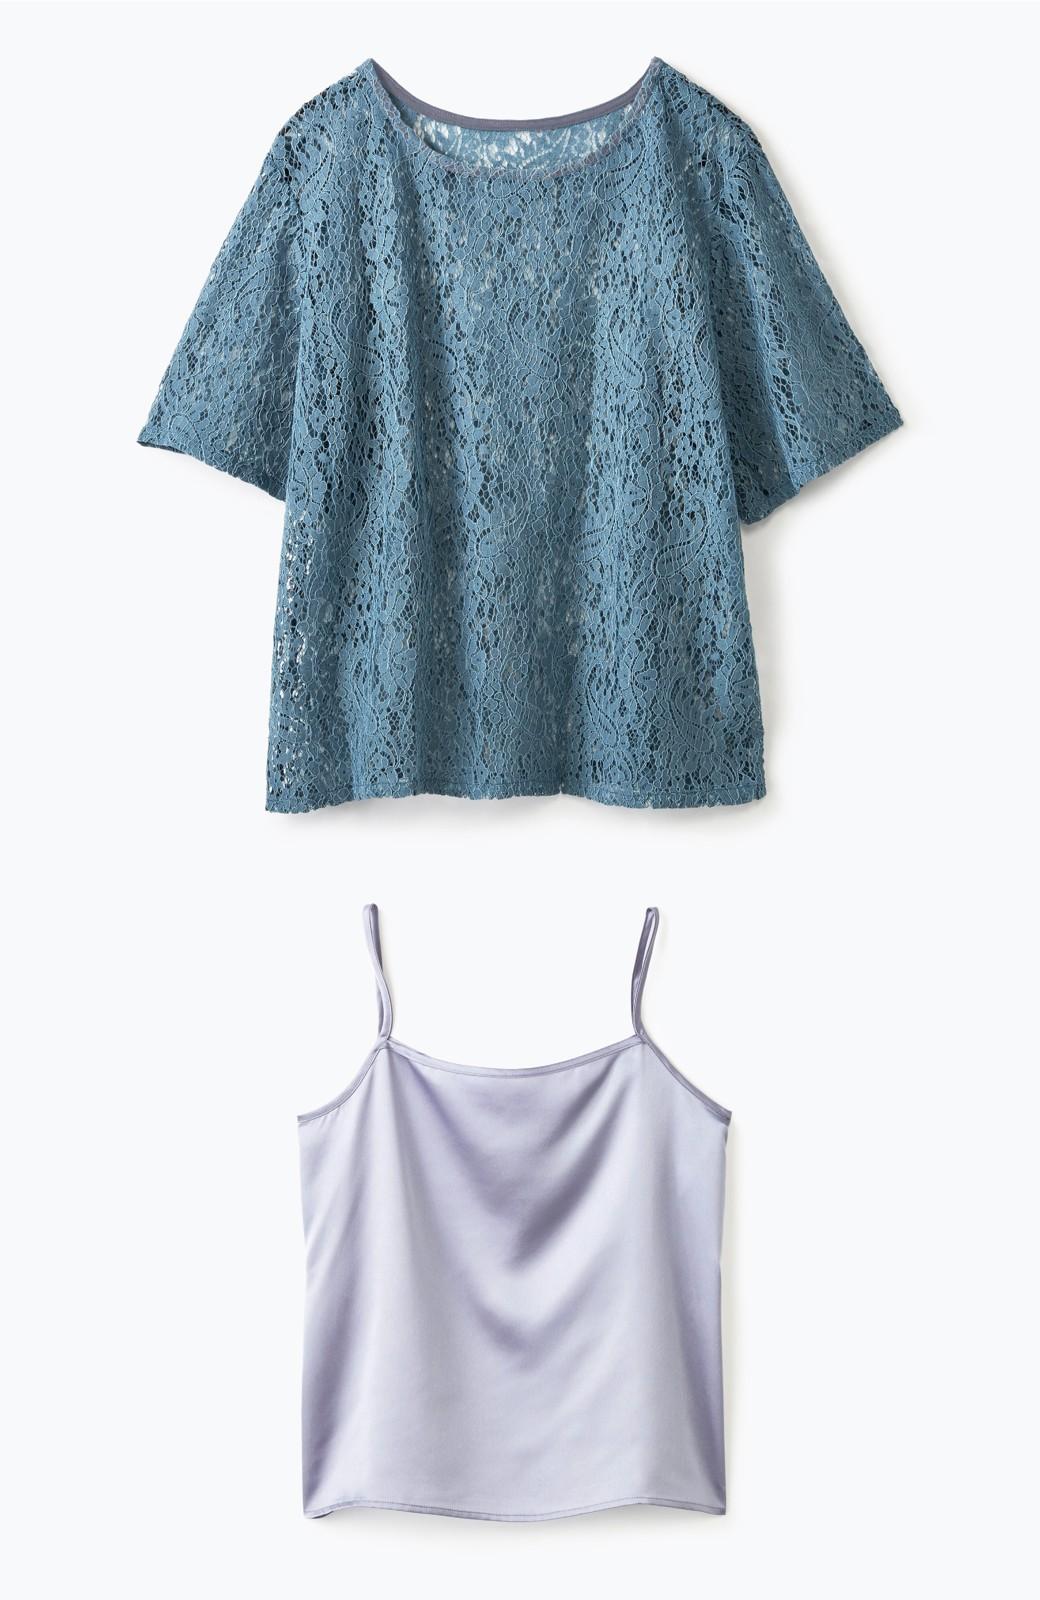 haco! \残りわずか/夏こそ涼しい顔して女っぽ計画!着まわしも洗濯お手入れも簡単だけどちゃんとかわいいセットbyスタッフさめちゃん。 <その他>の商品写真6